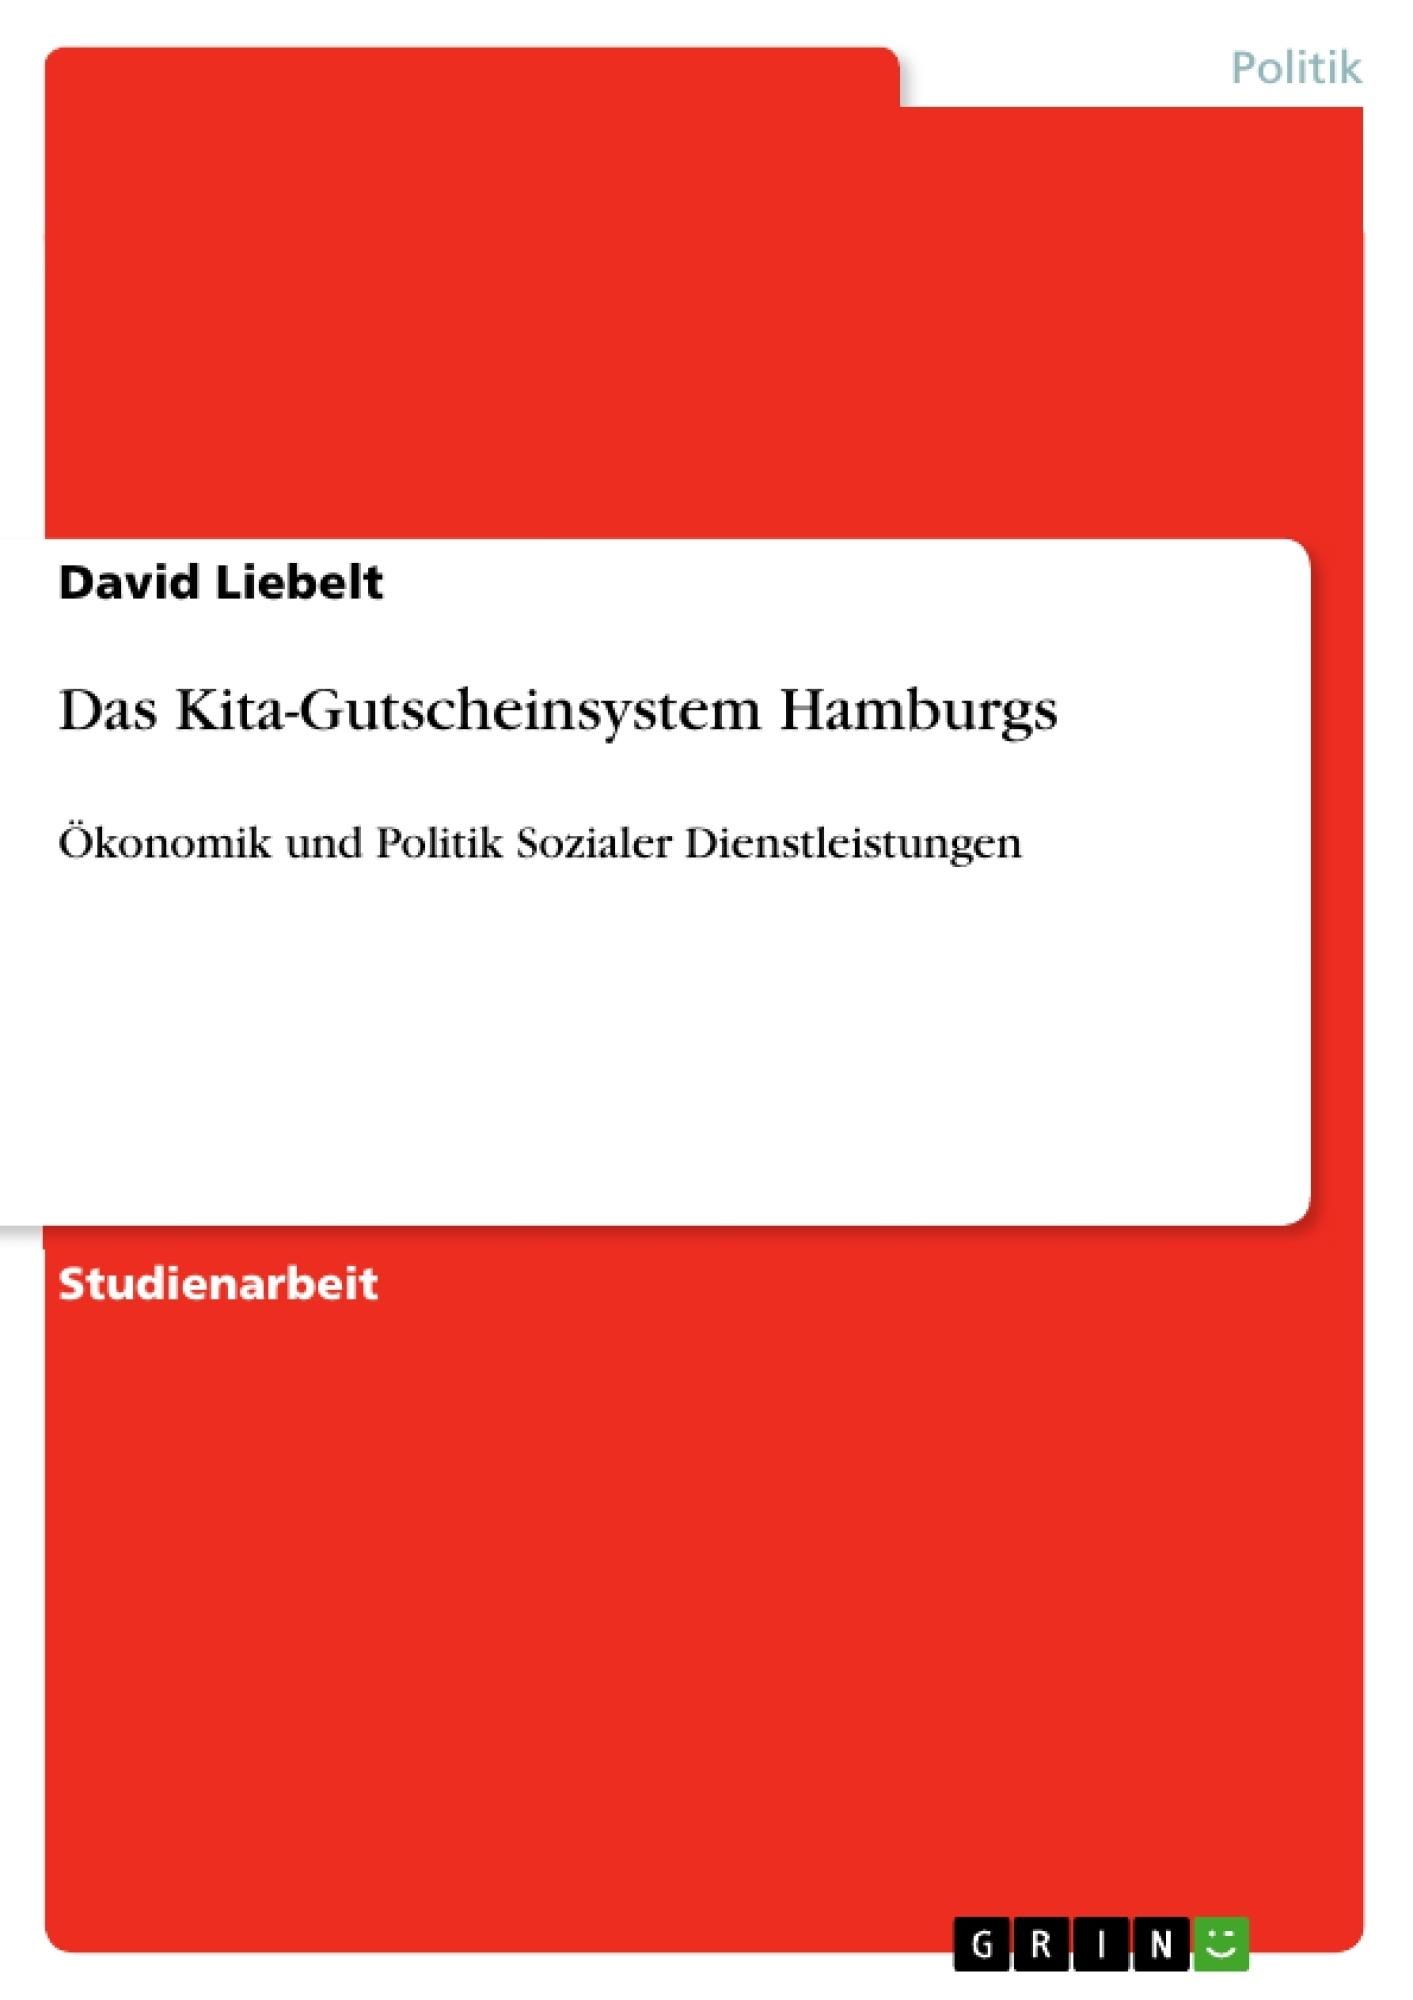 Titel: Das Kita-Gutscheinsystem Hamburgs